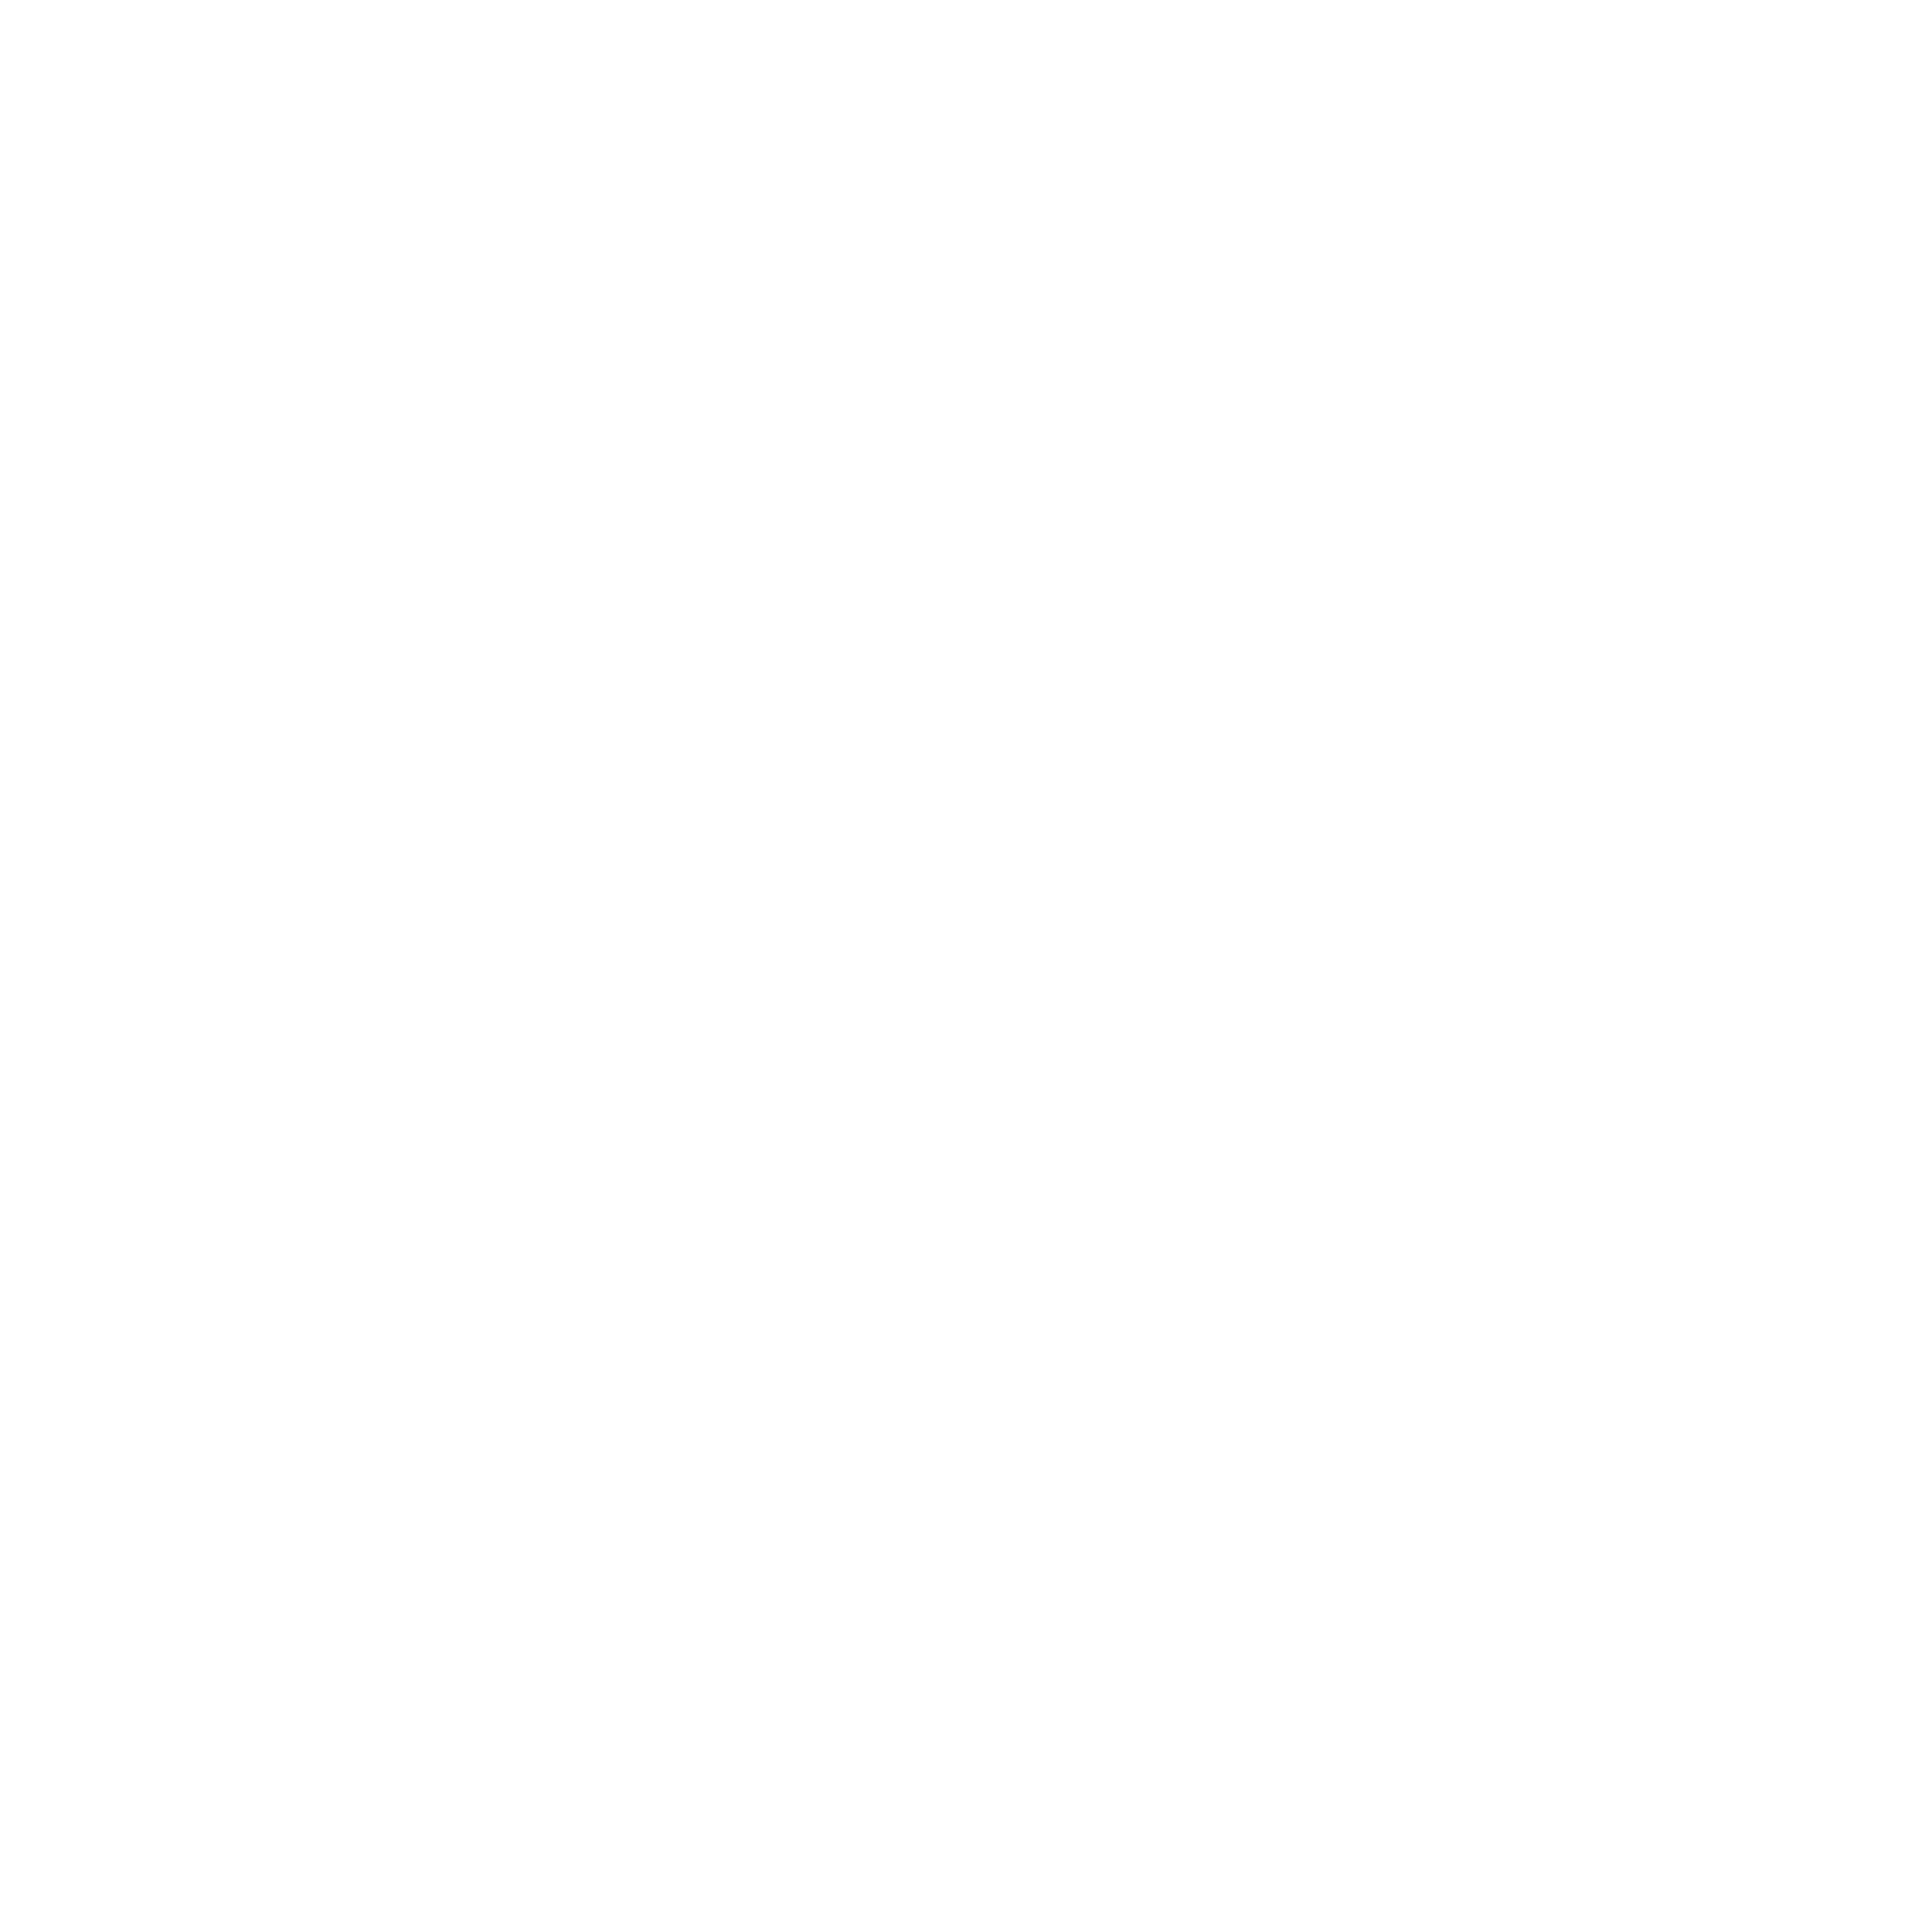 Choquer Creative's logo